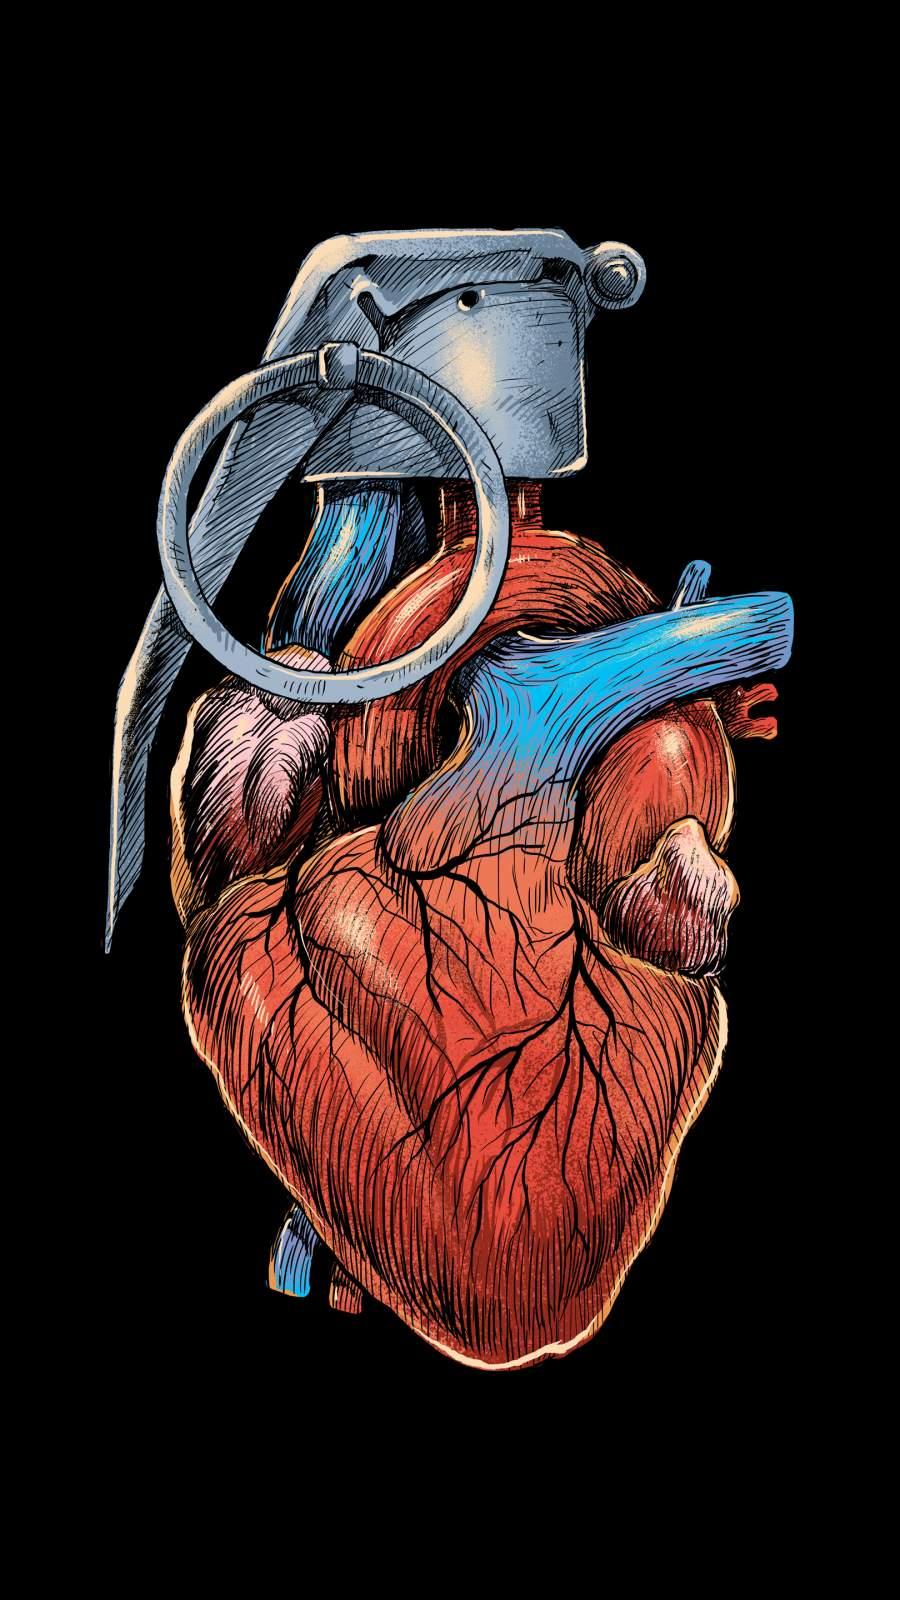 Heart Grenade art mobile Wallpaper